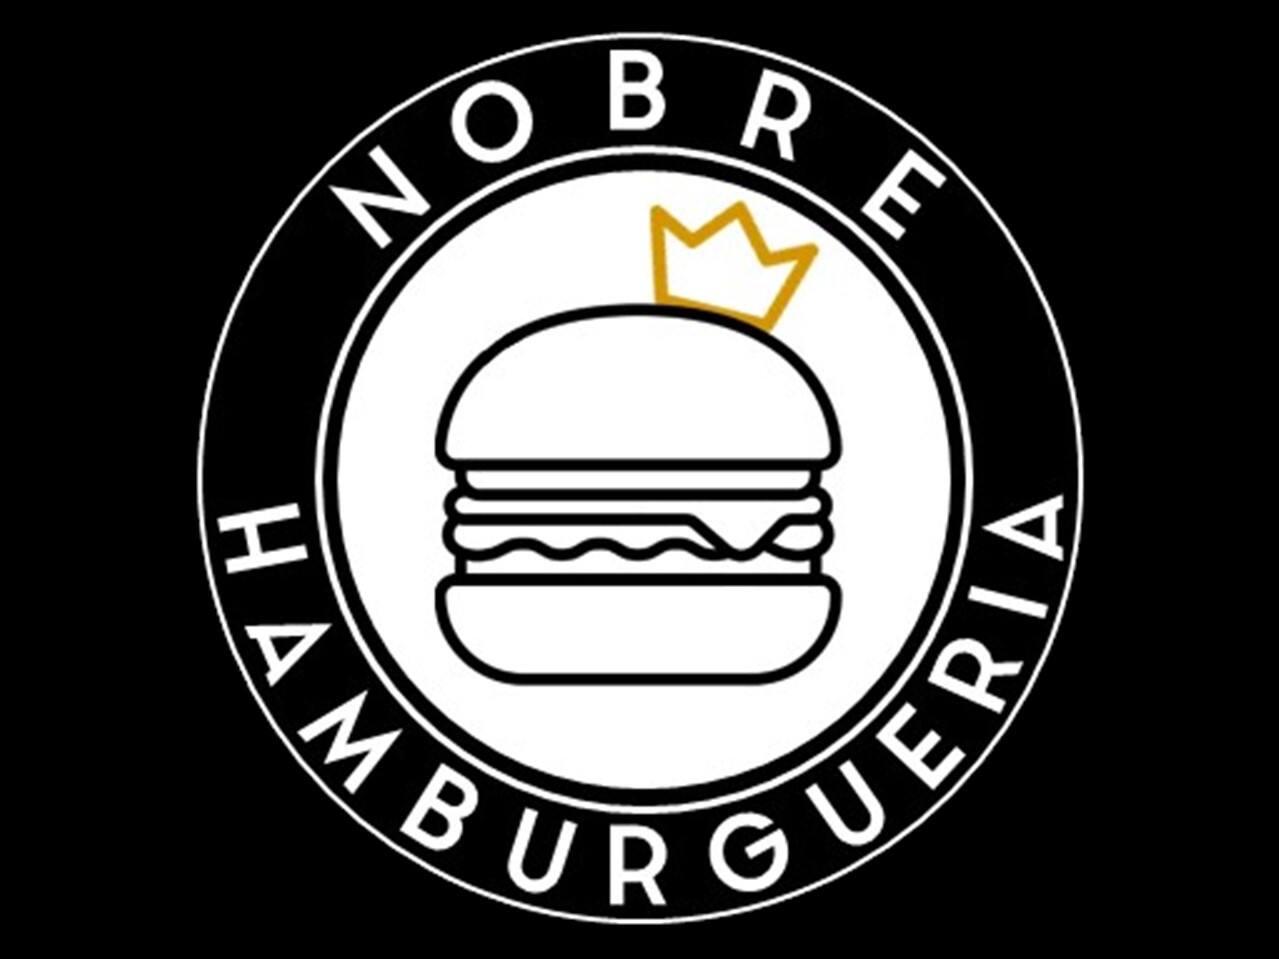 Nobre Hamburgueria